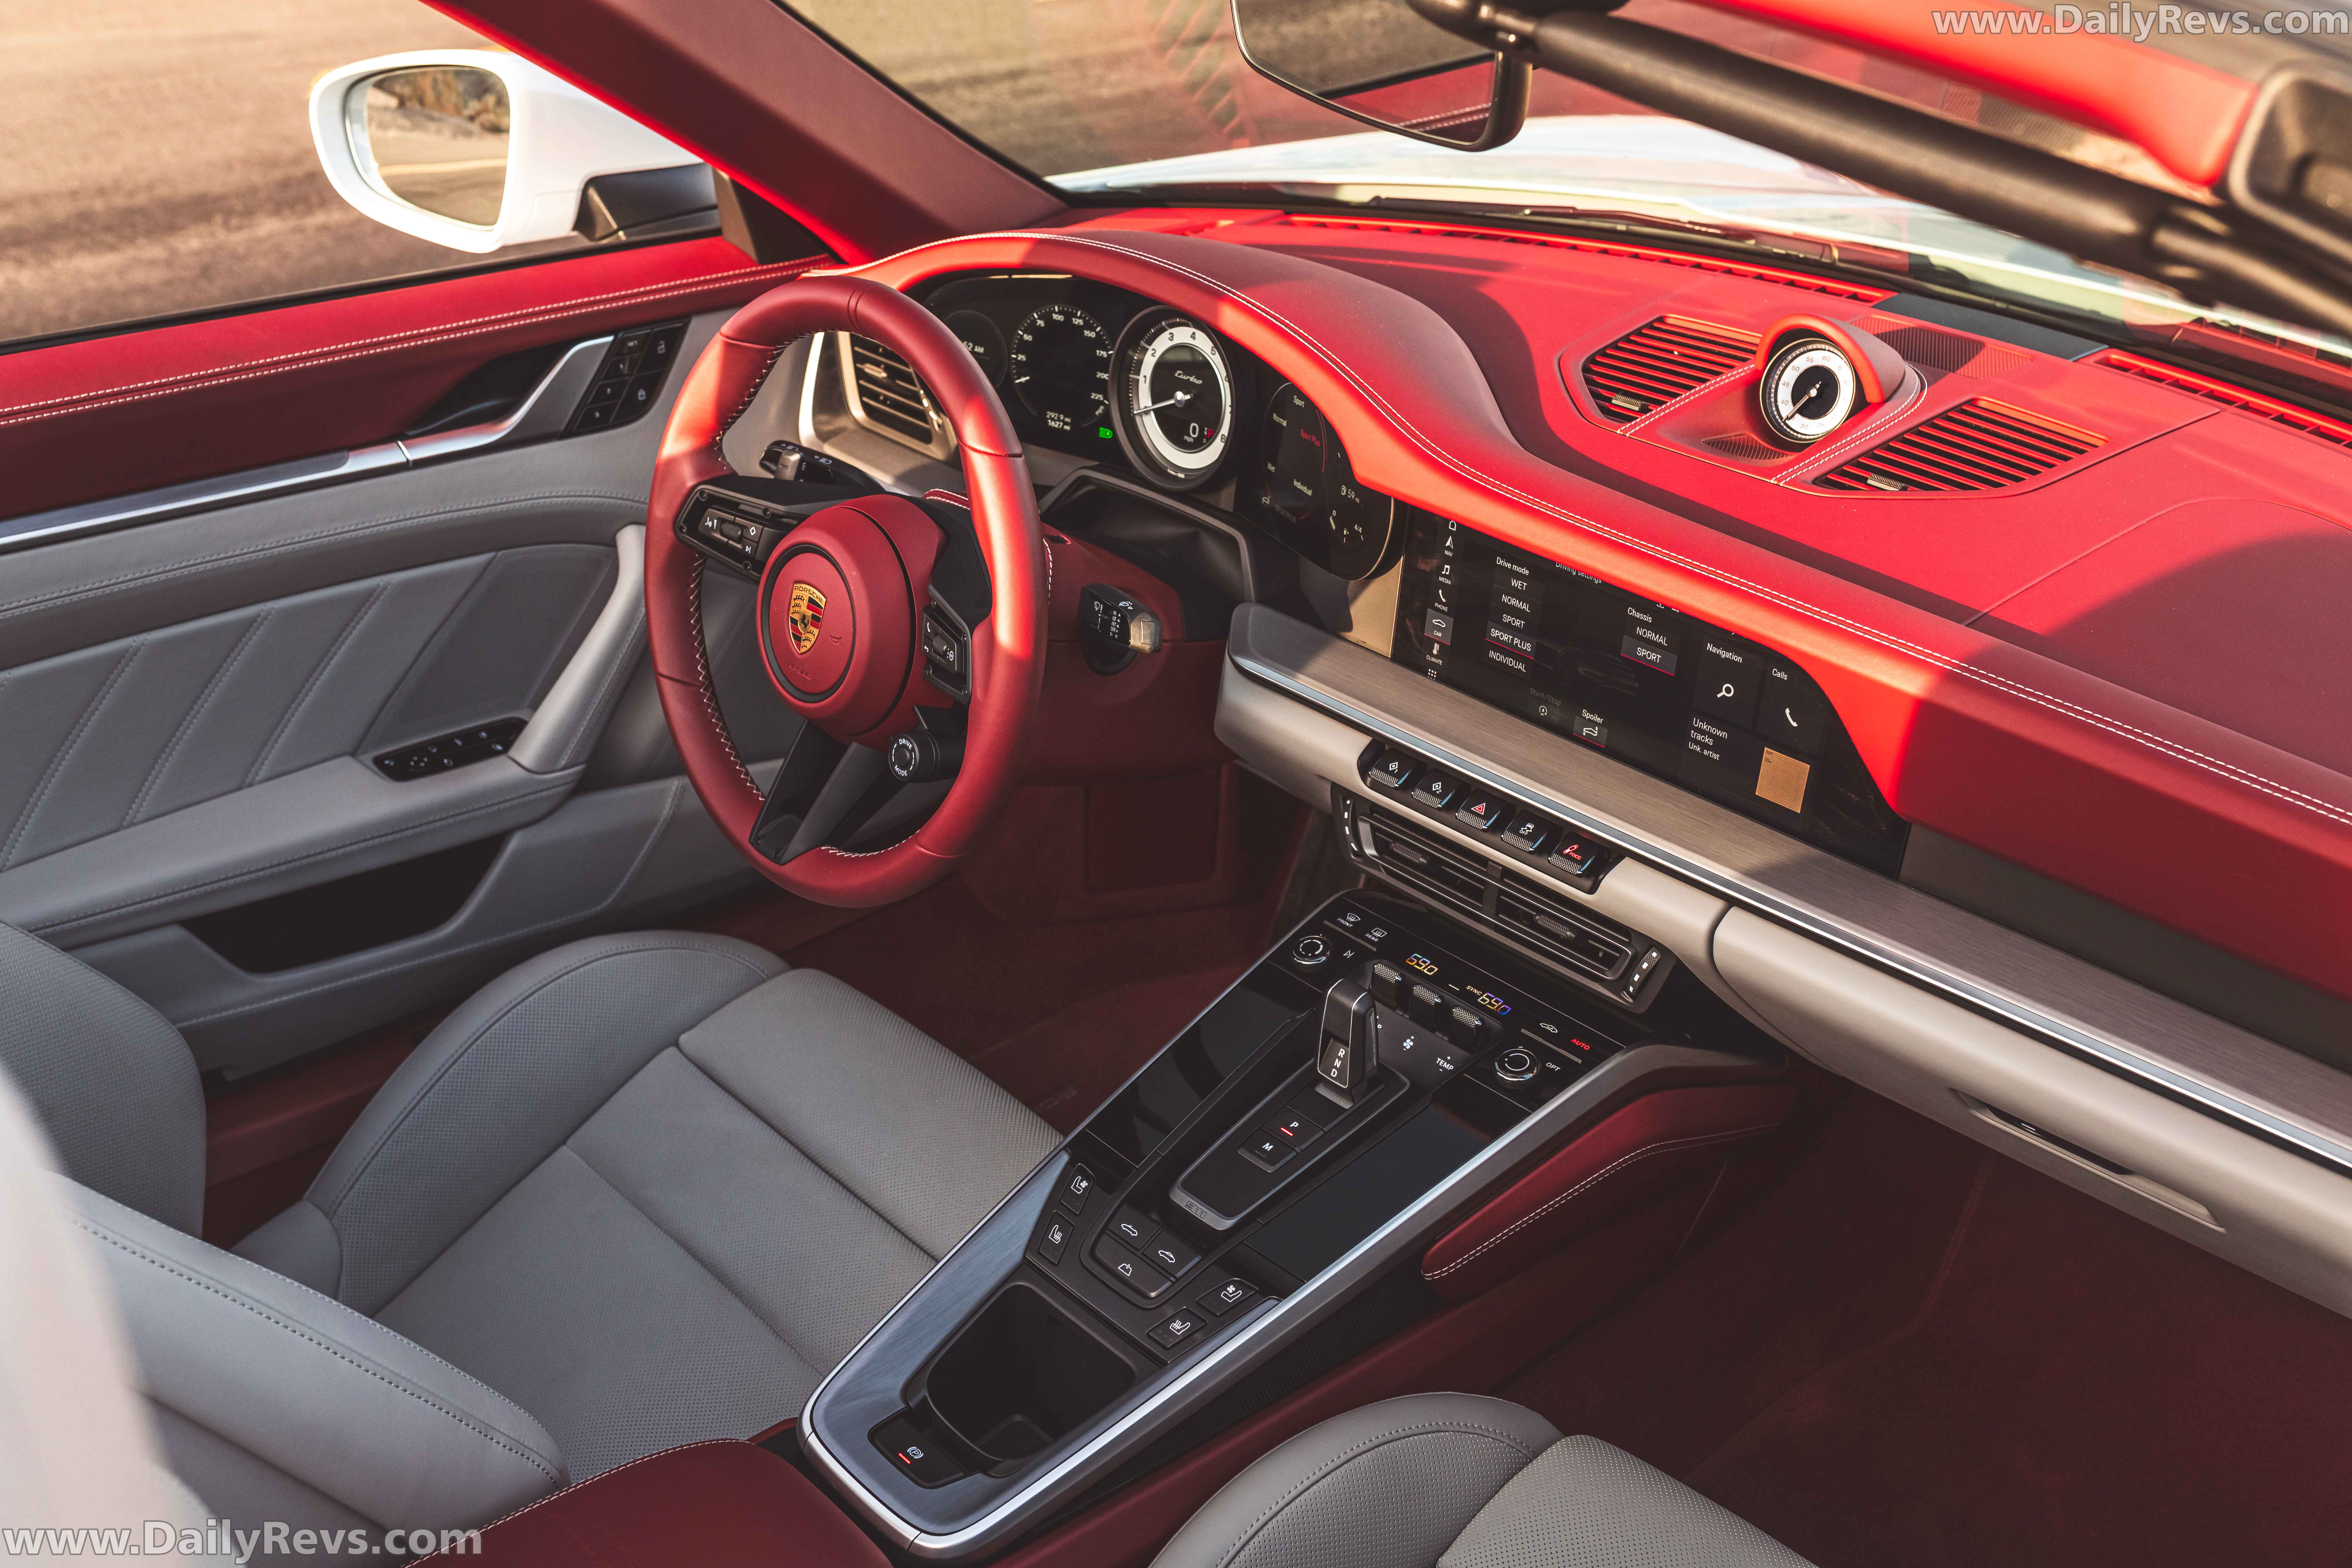 2021 Porsche 911 Turbo Cabriolet Carrera White Metallic full